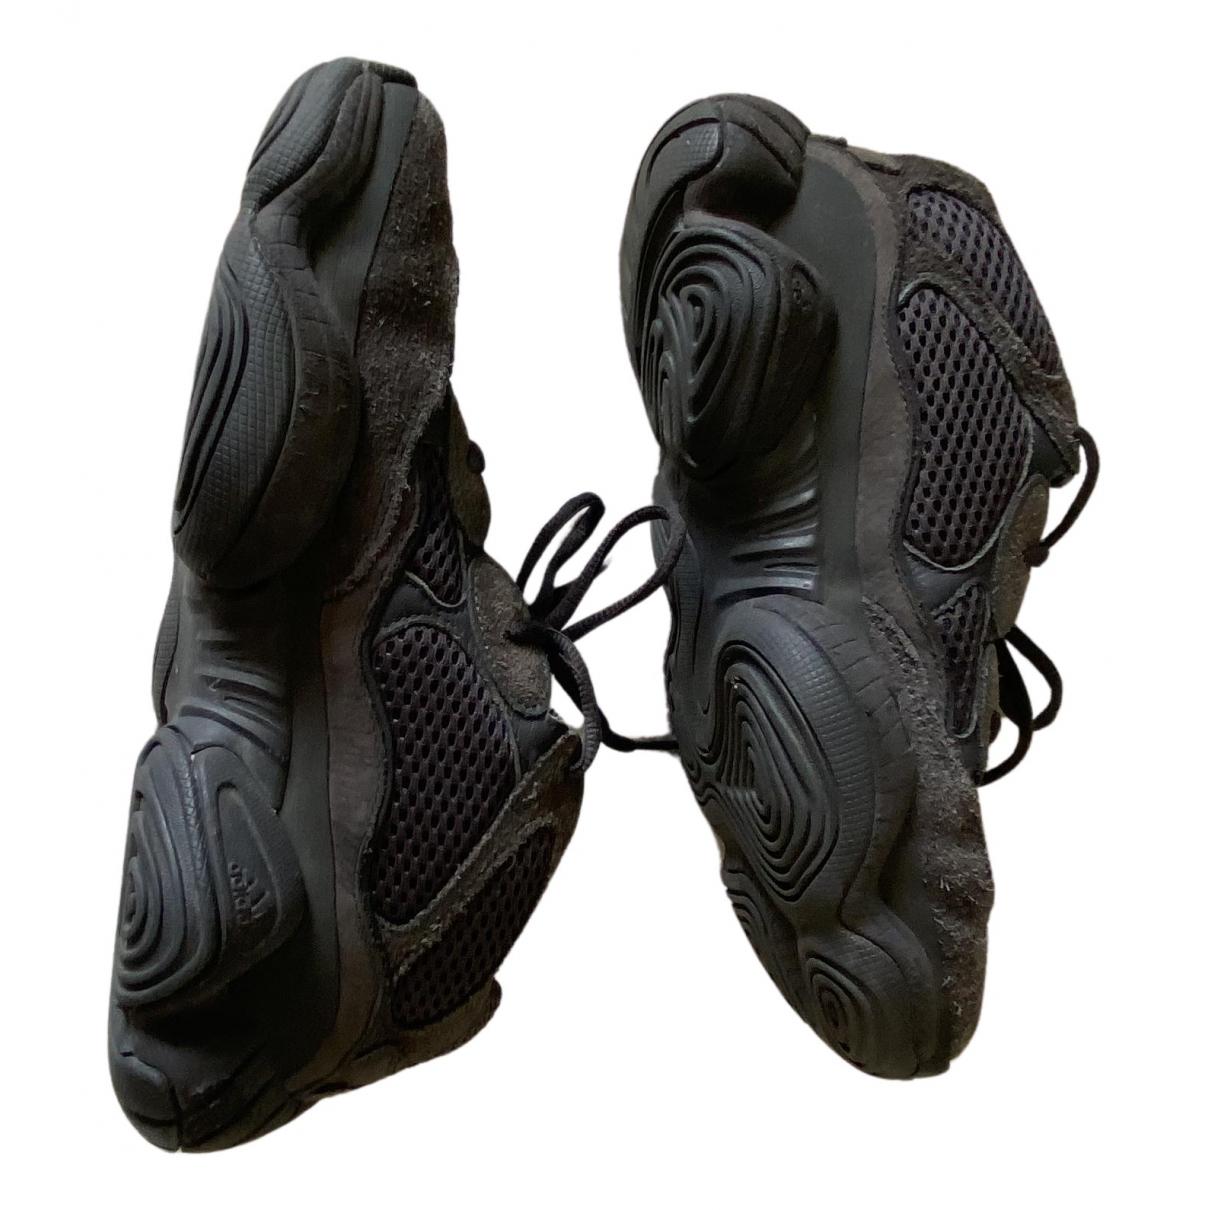 Yeezy X Adidas - Baskets 500 pour femme en toile - noir